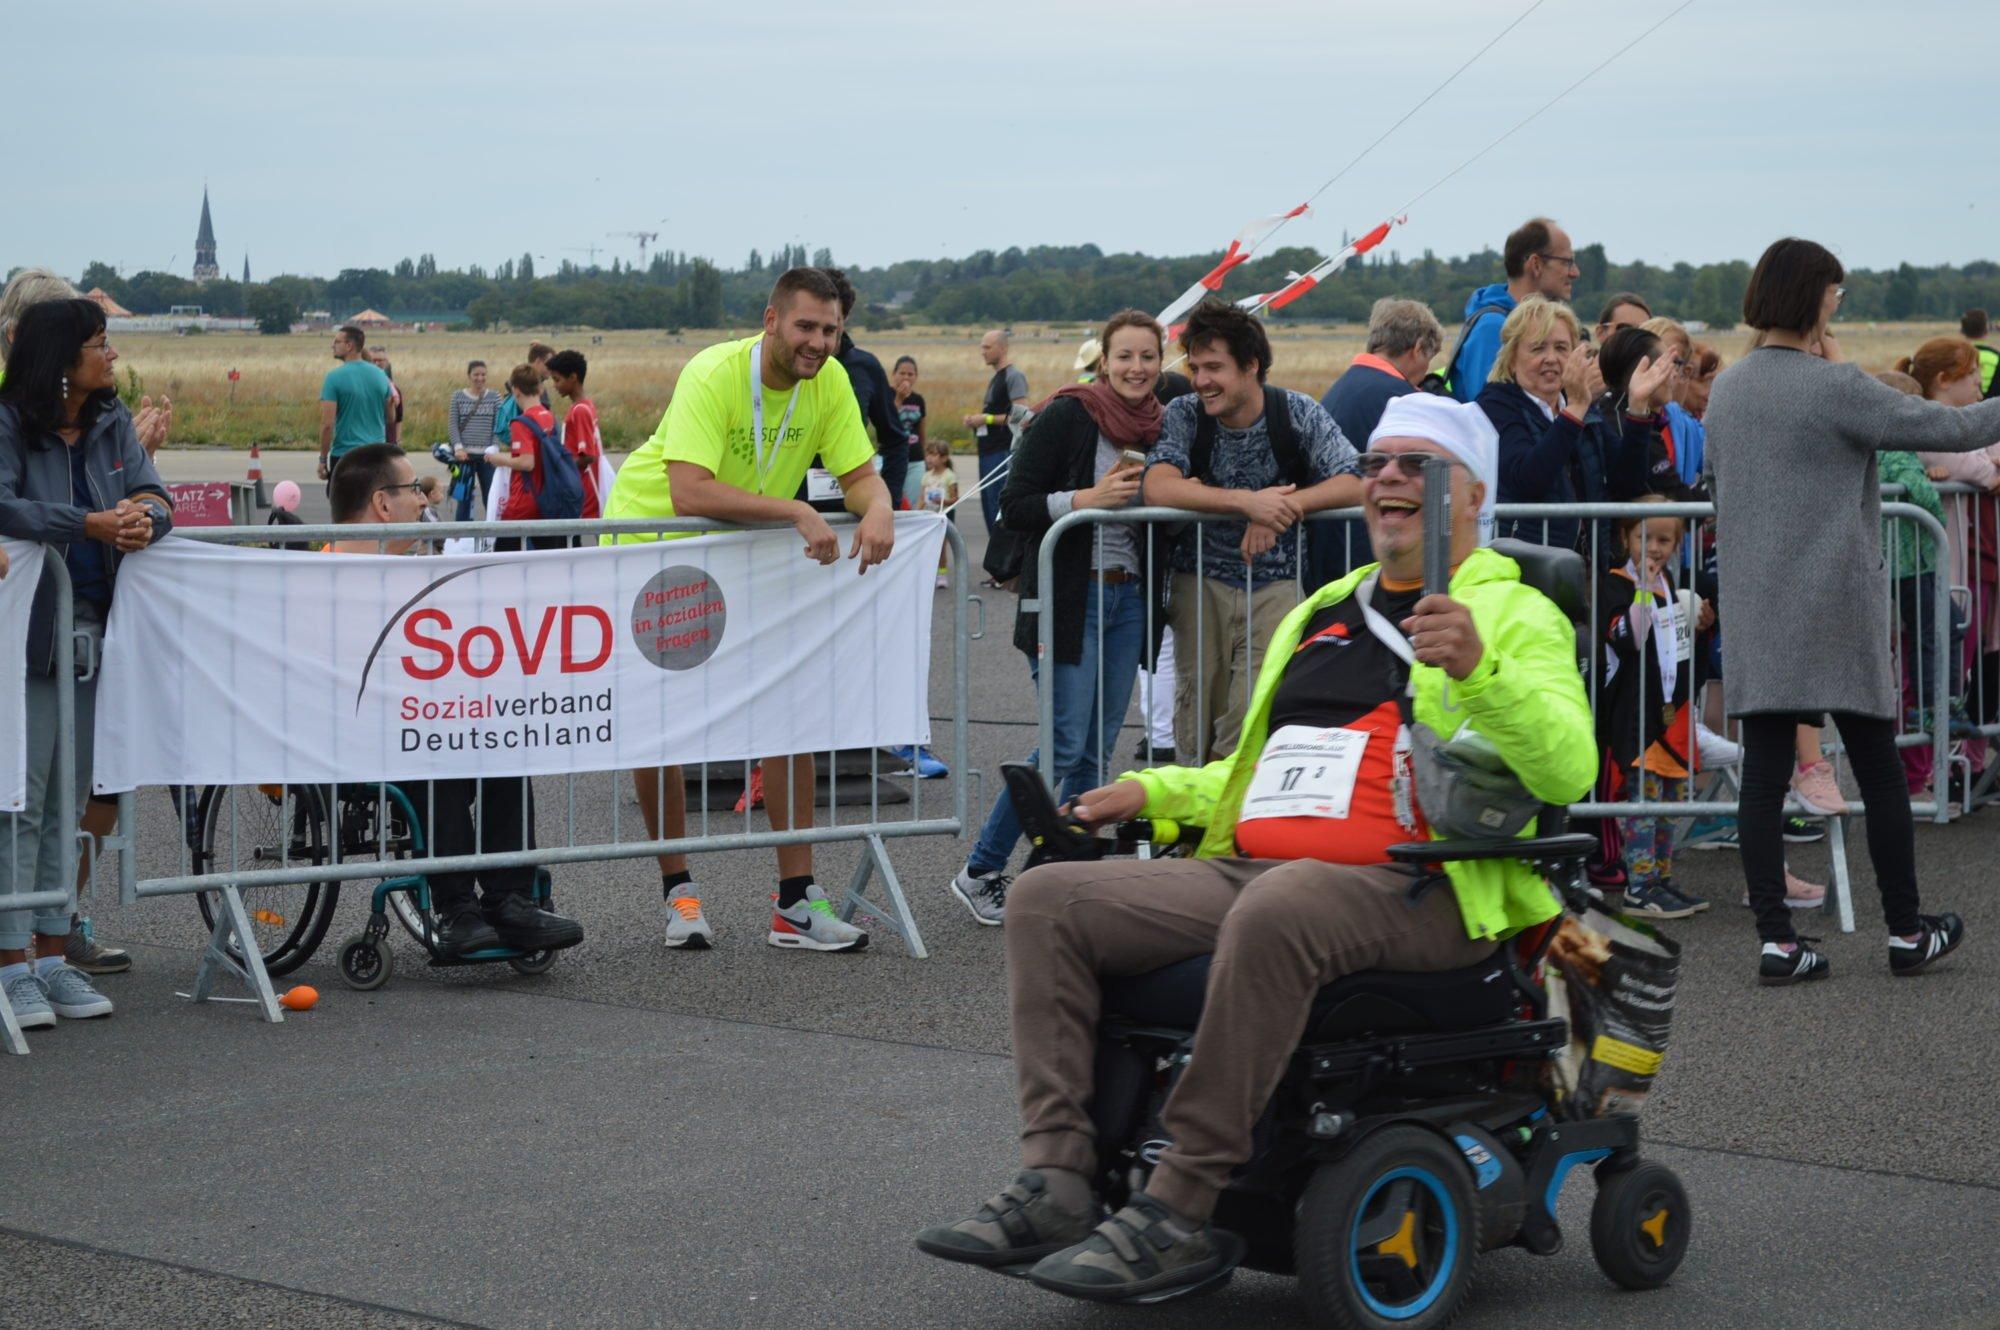 Rollifahrer aus dem Team FDST rollt mit seinem E-Rollstuhl an Zuschauern vorbei und steckt alle mit seinem Lächeln an.